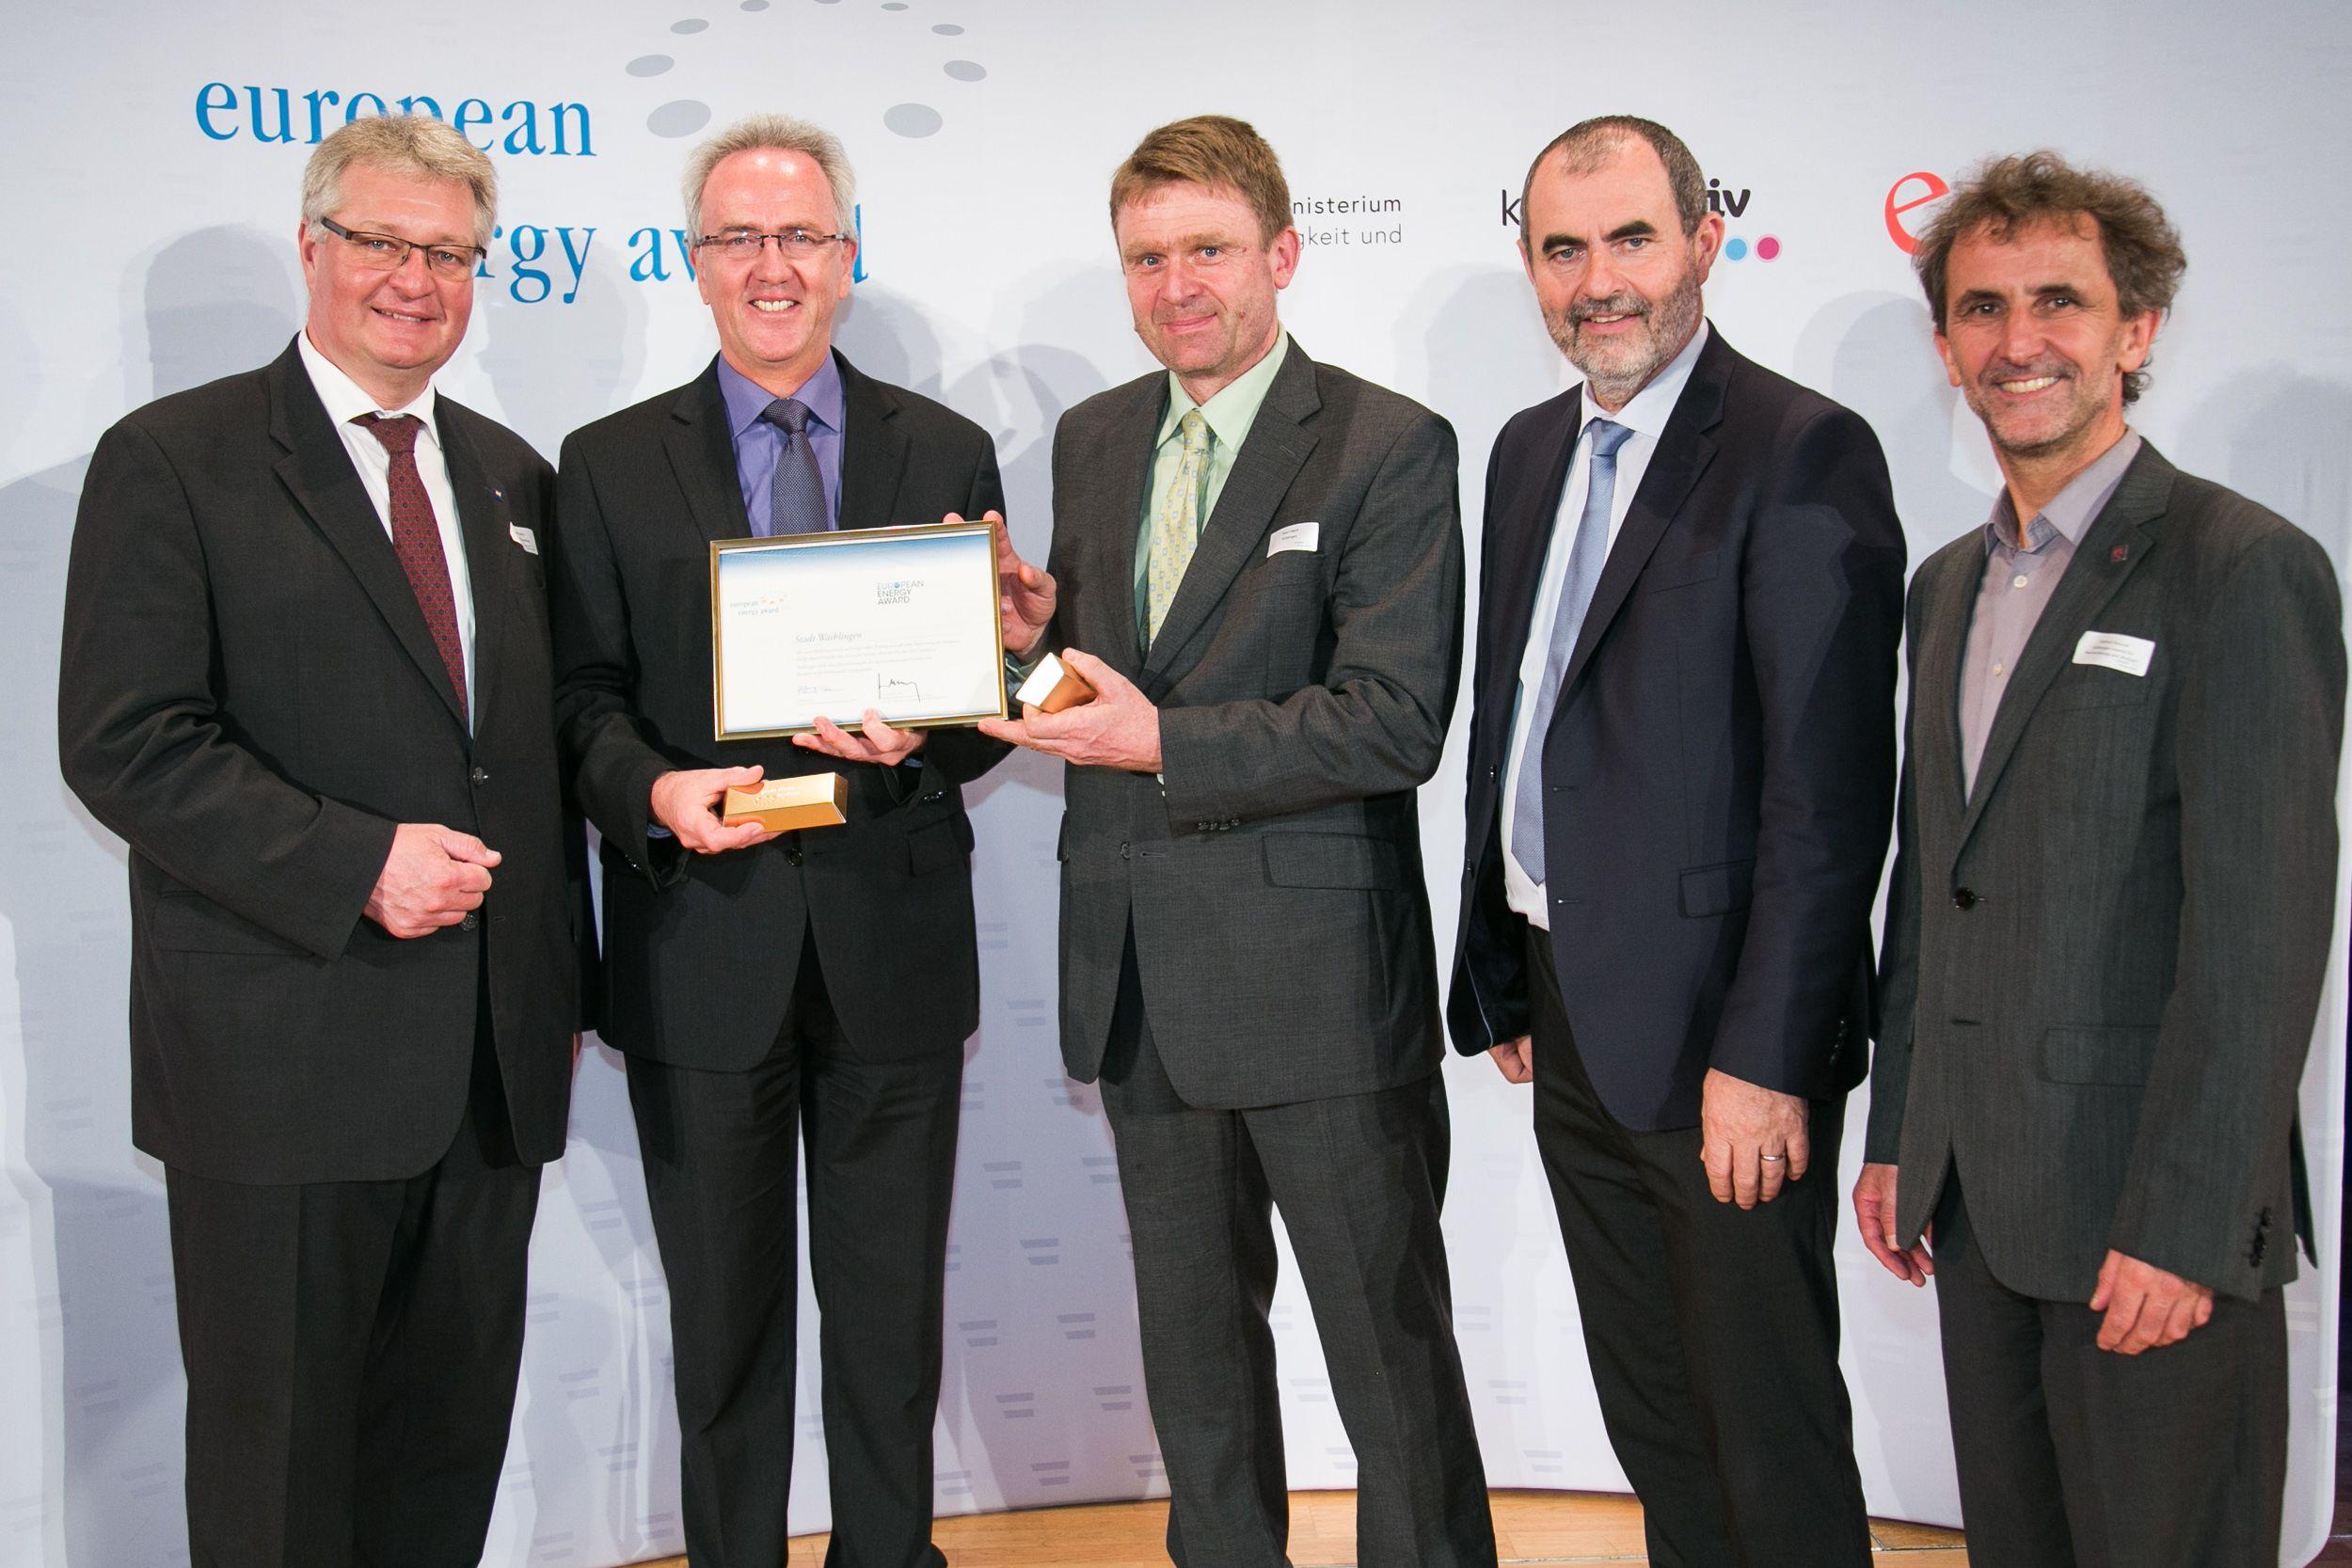 European Energy Awards in Baden - Stadt Waiblingen (D)